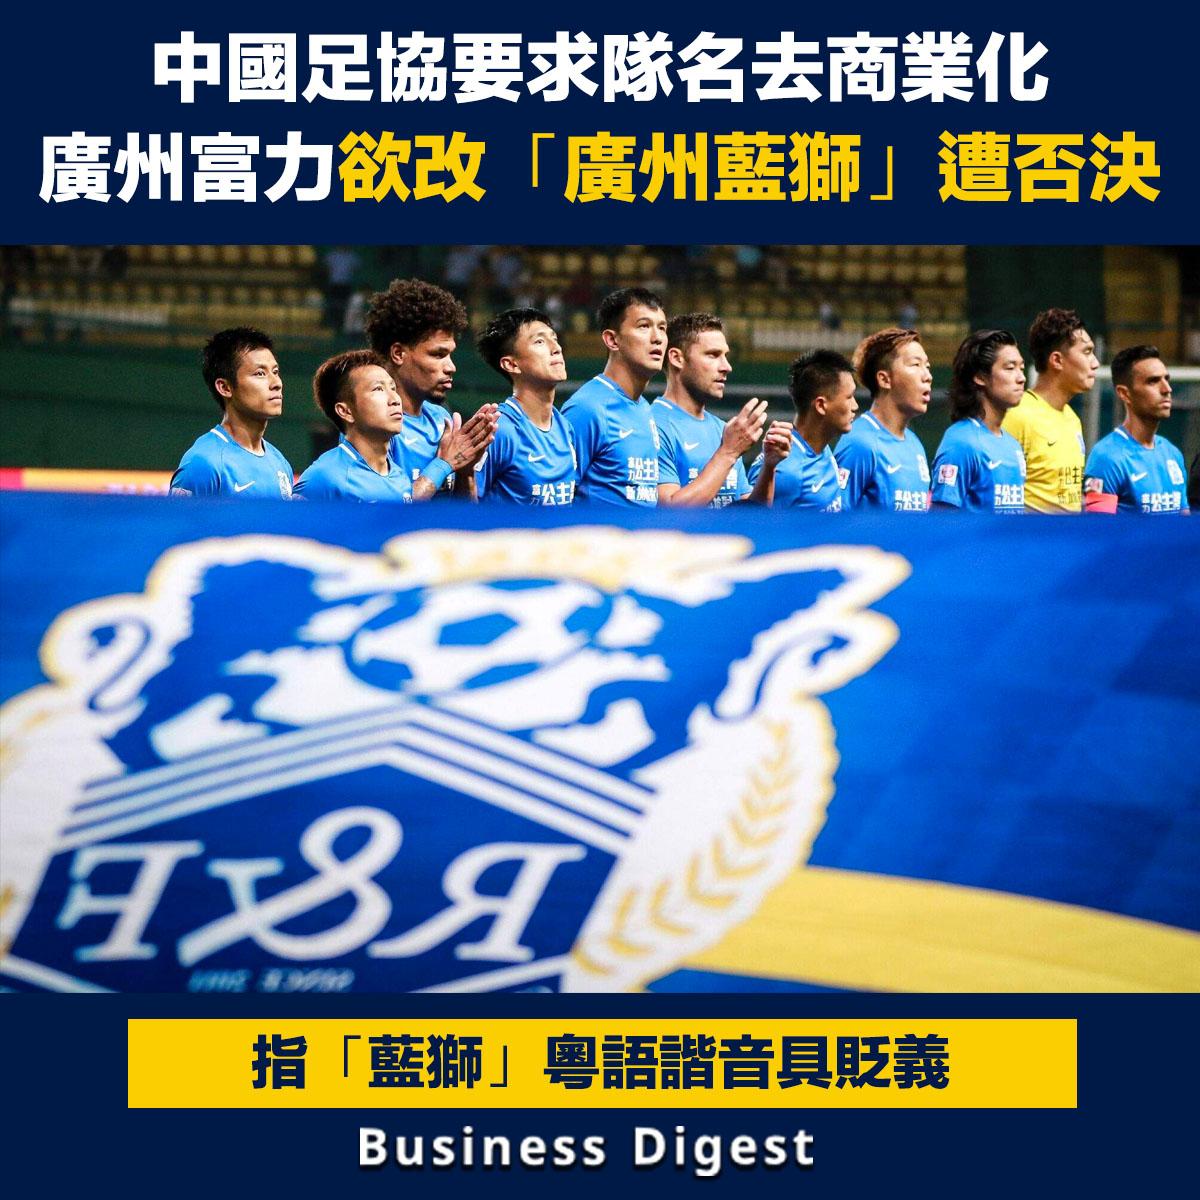 中國足協要求隊名去商業化,廣州富力欲改「廣州藍獅」遭否決